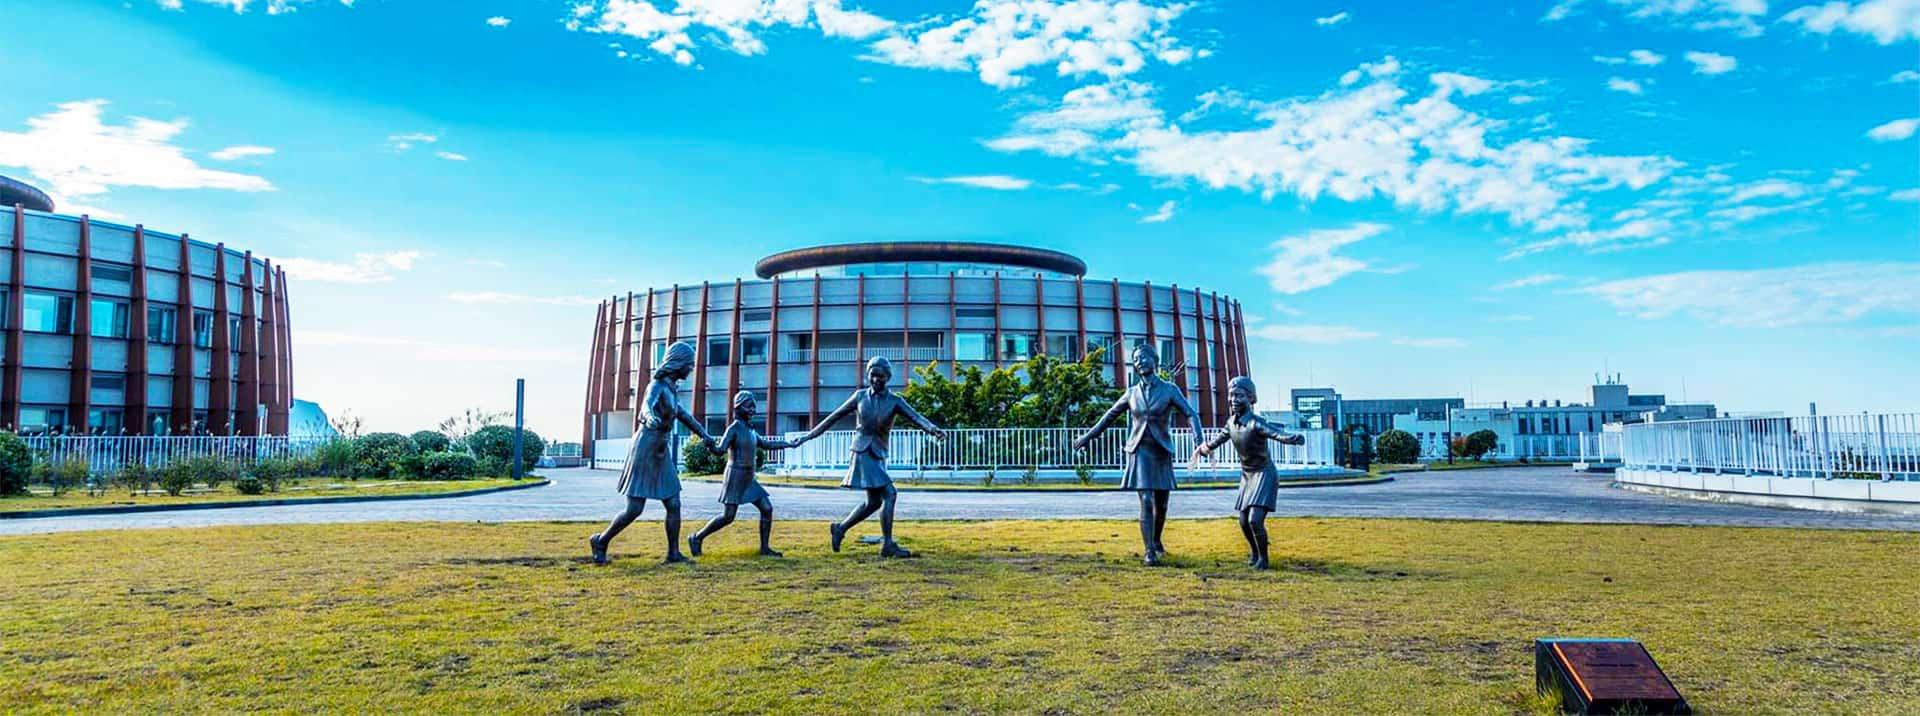 Écoles internationales en Corée du Sud